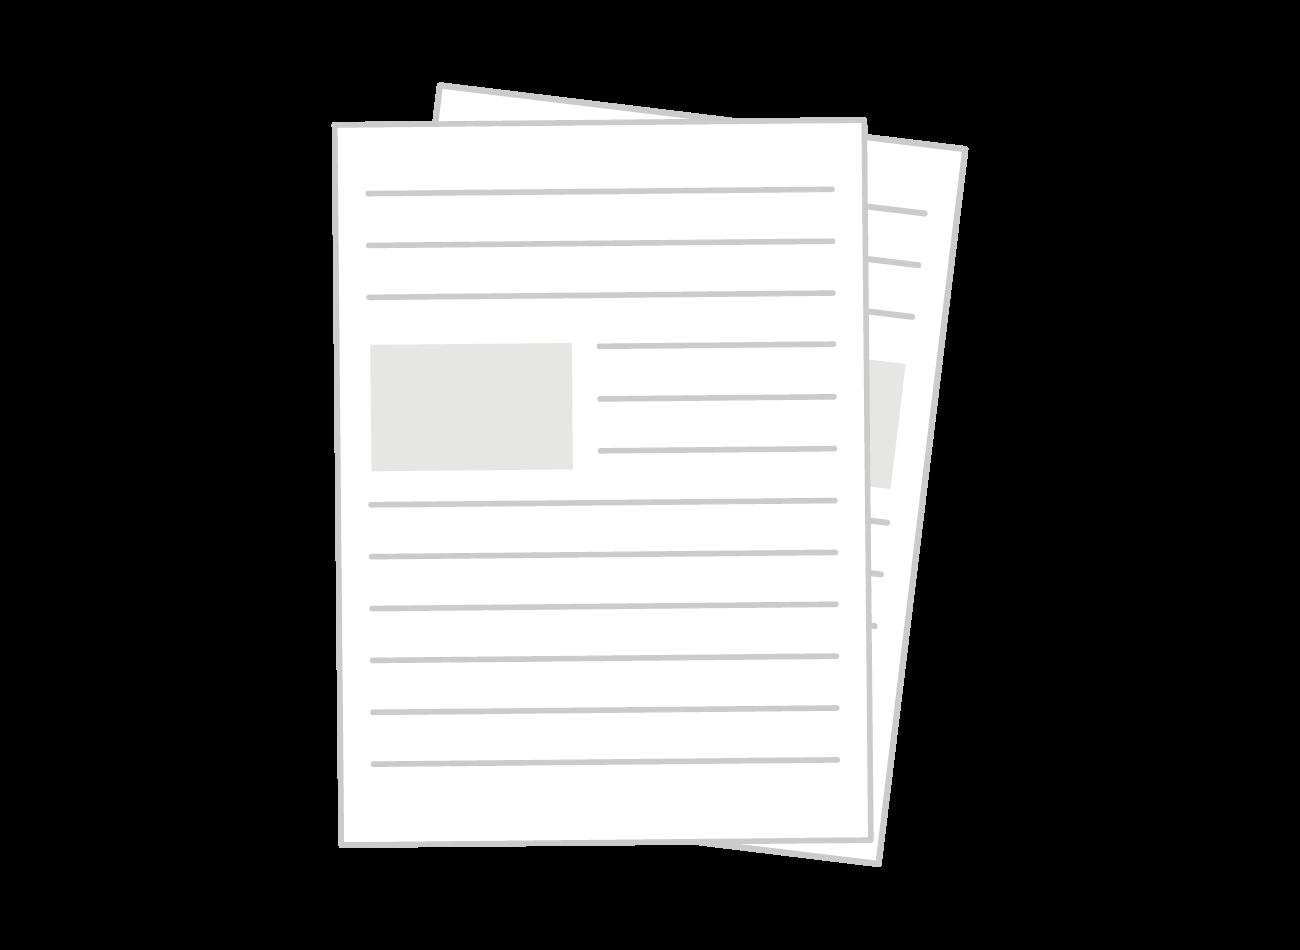 公費支給に関する受給者証(指定難病手帳、生活保護医療券)など